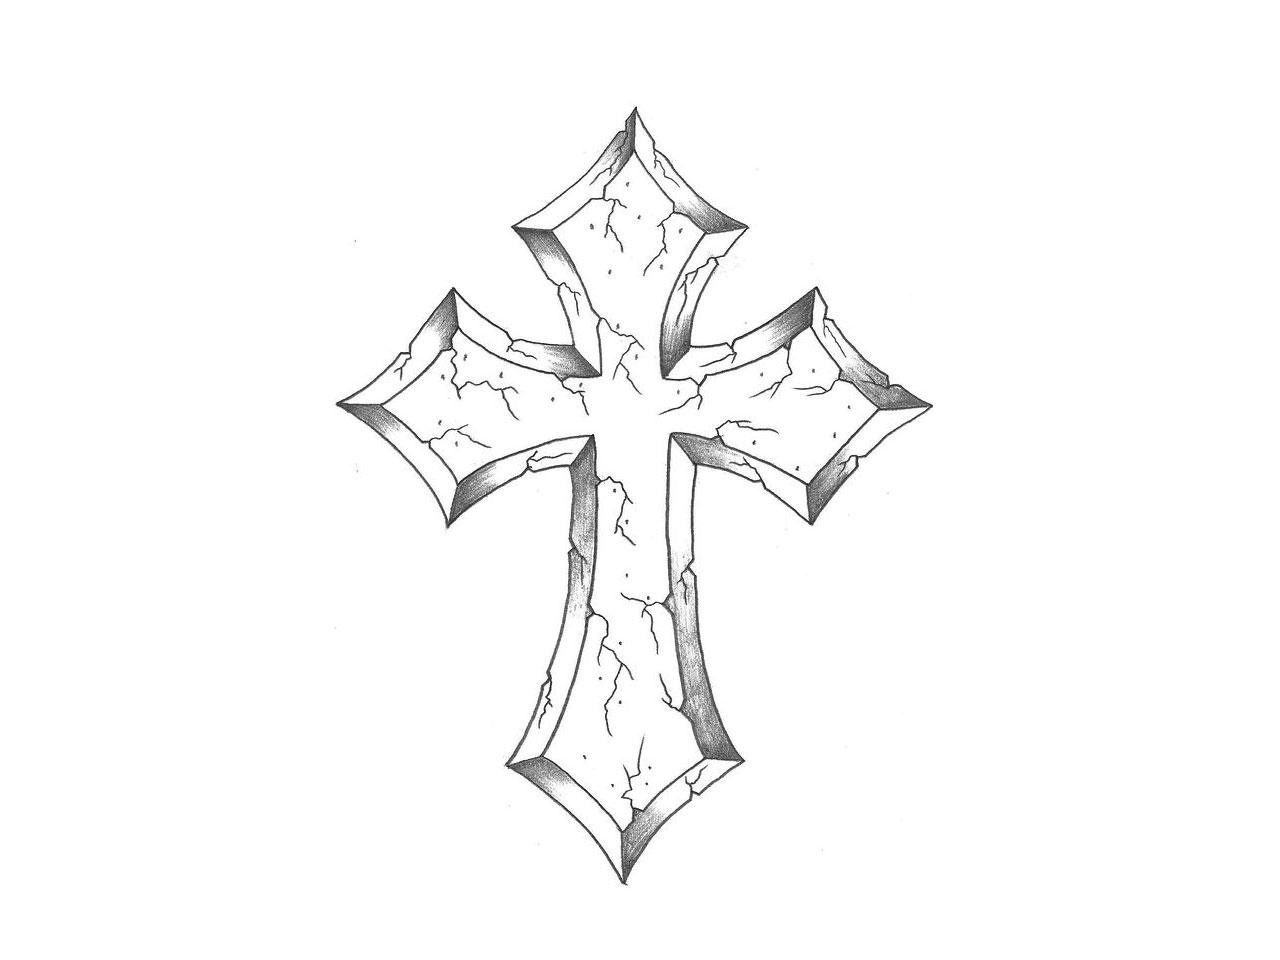 1280x960 Tattoos Drawings Ideas Cross Tattoos Tattoo